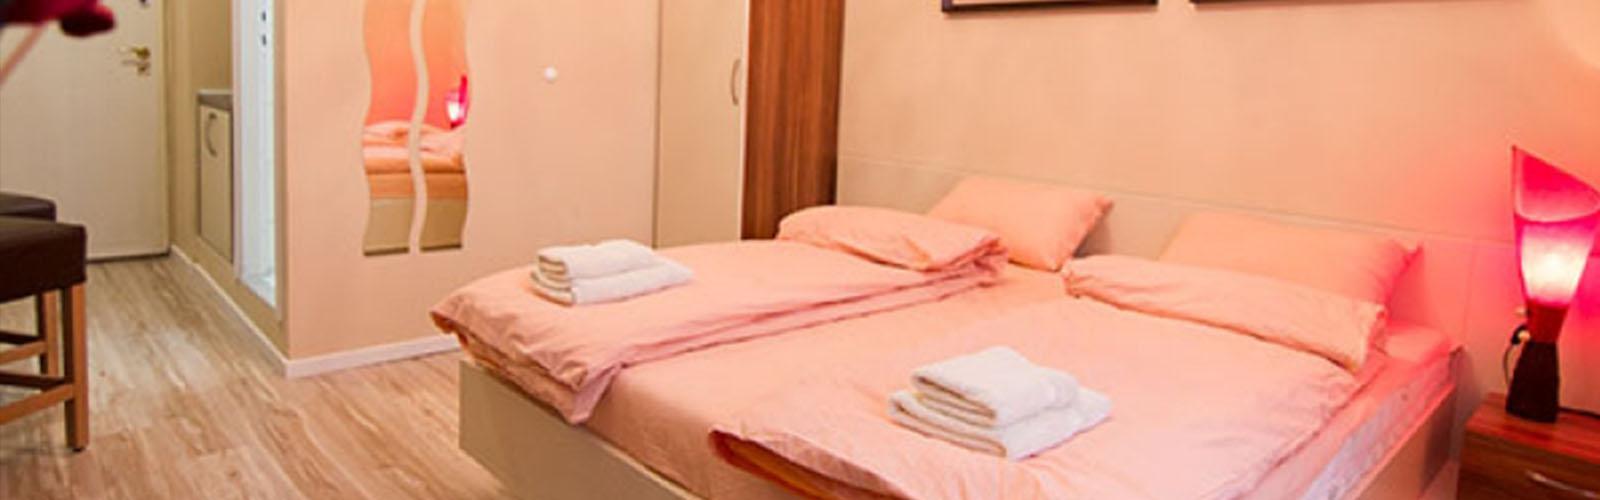 Concierge Belgrade | Apartman Delta Top 114